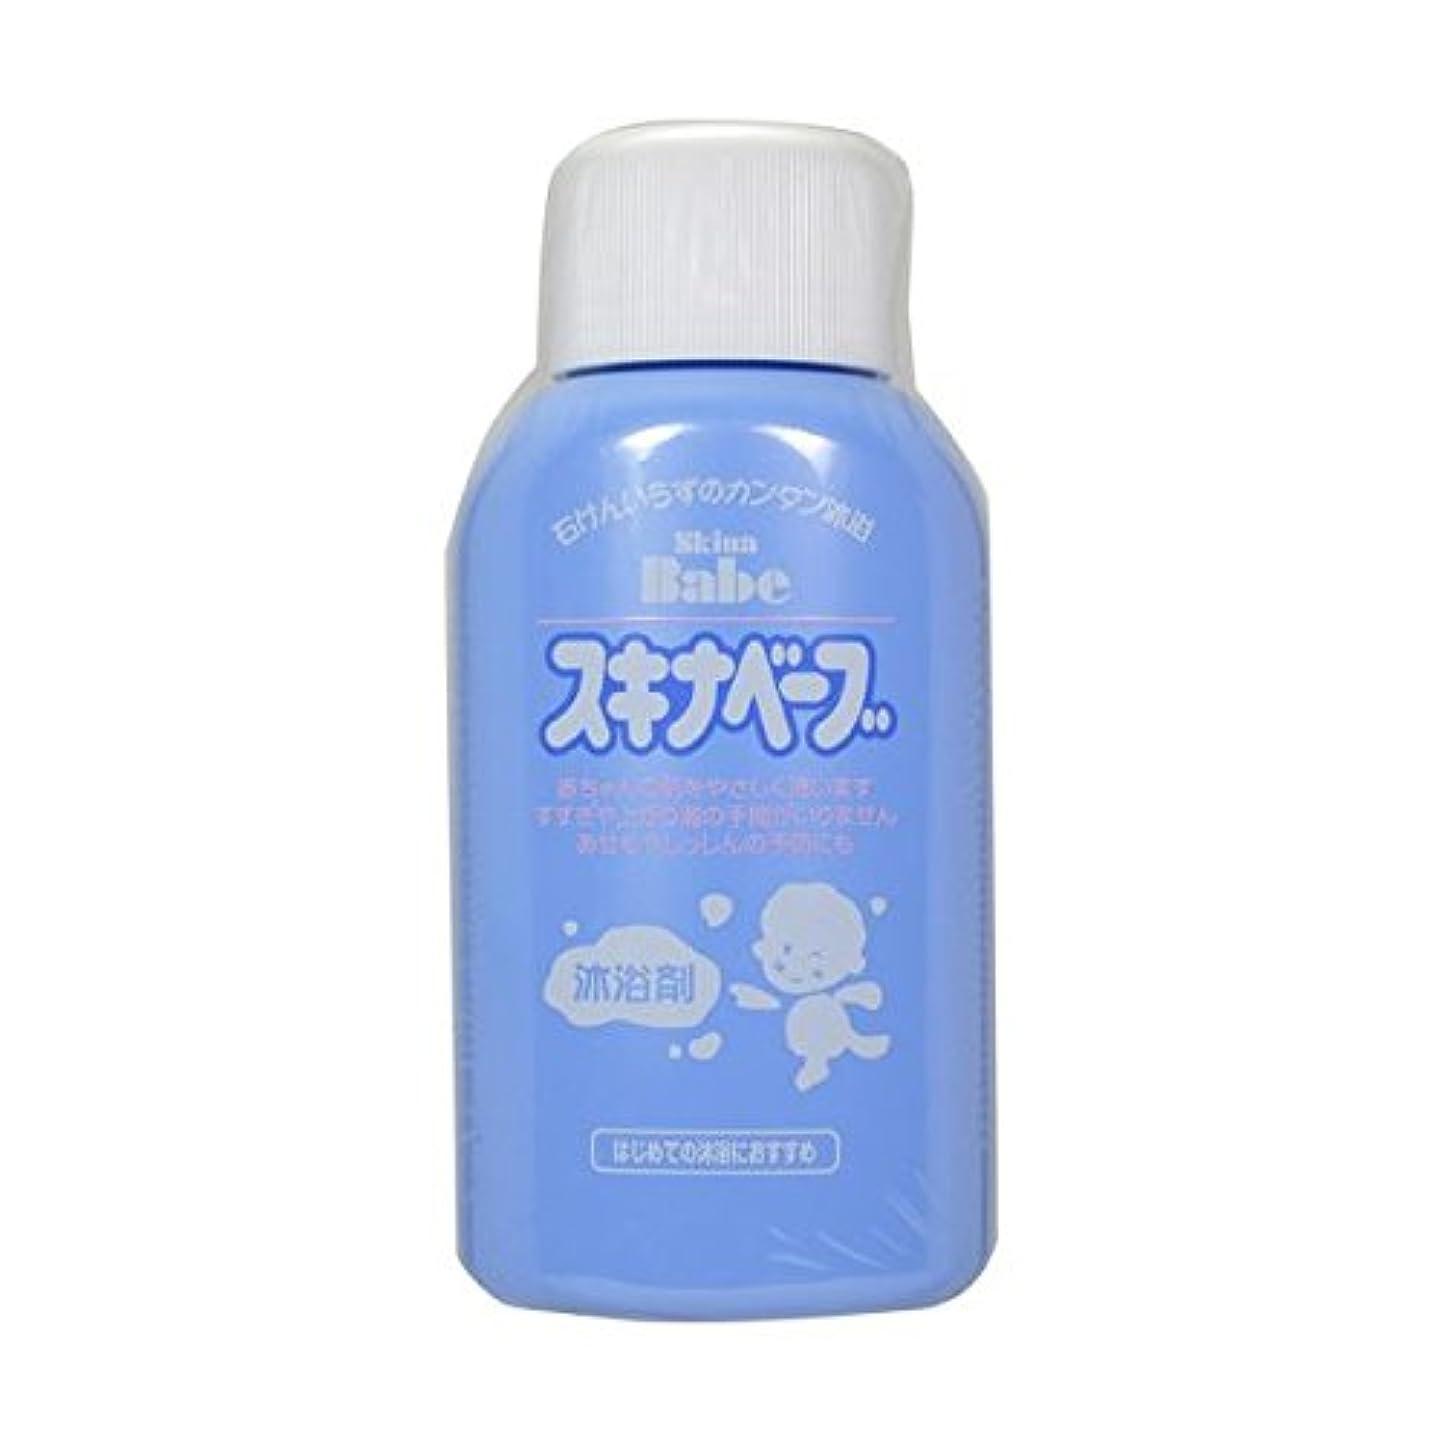 費やす違法手荷物スキナベーブ 200ml(入浴剤)×2個